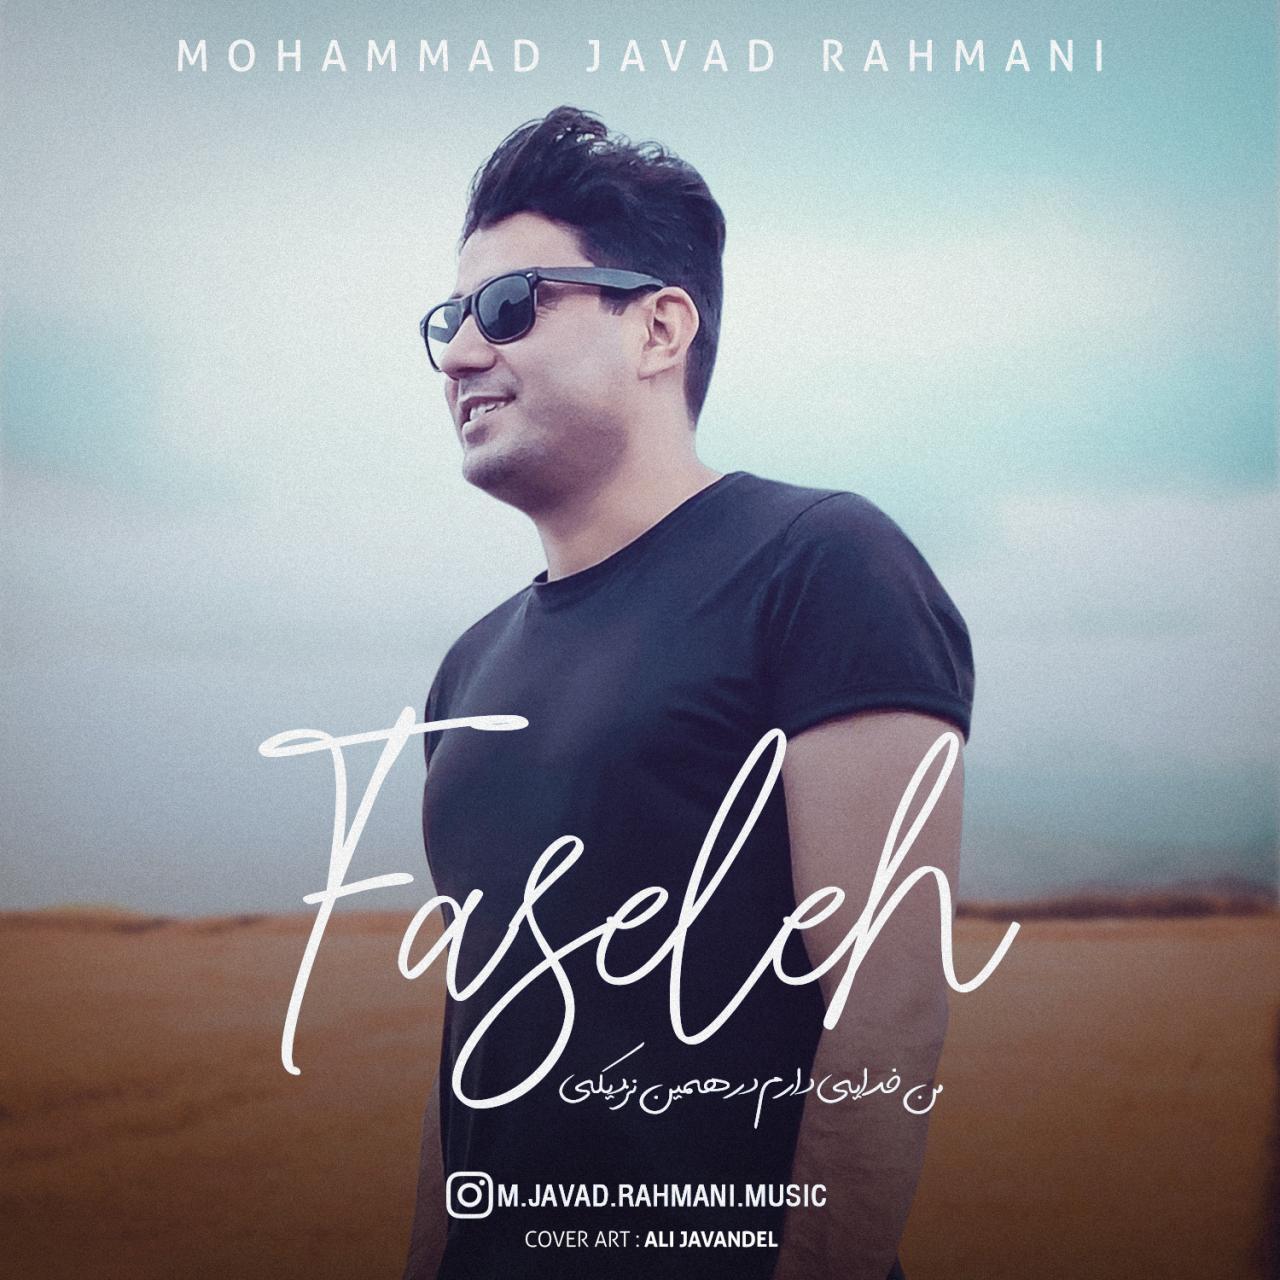 Mohammad Javad Rahmani – Faseleh